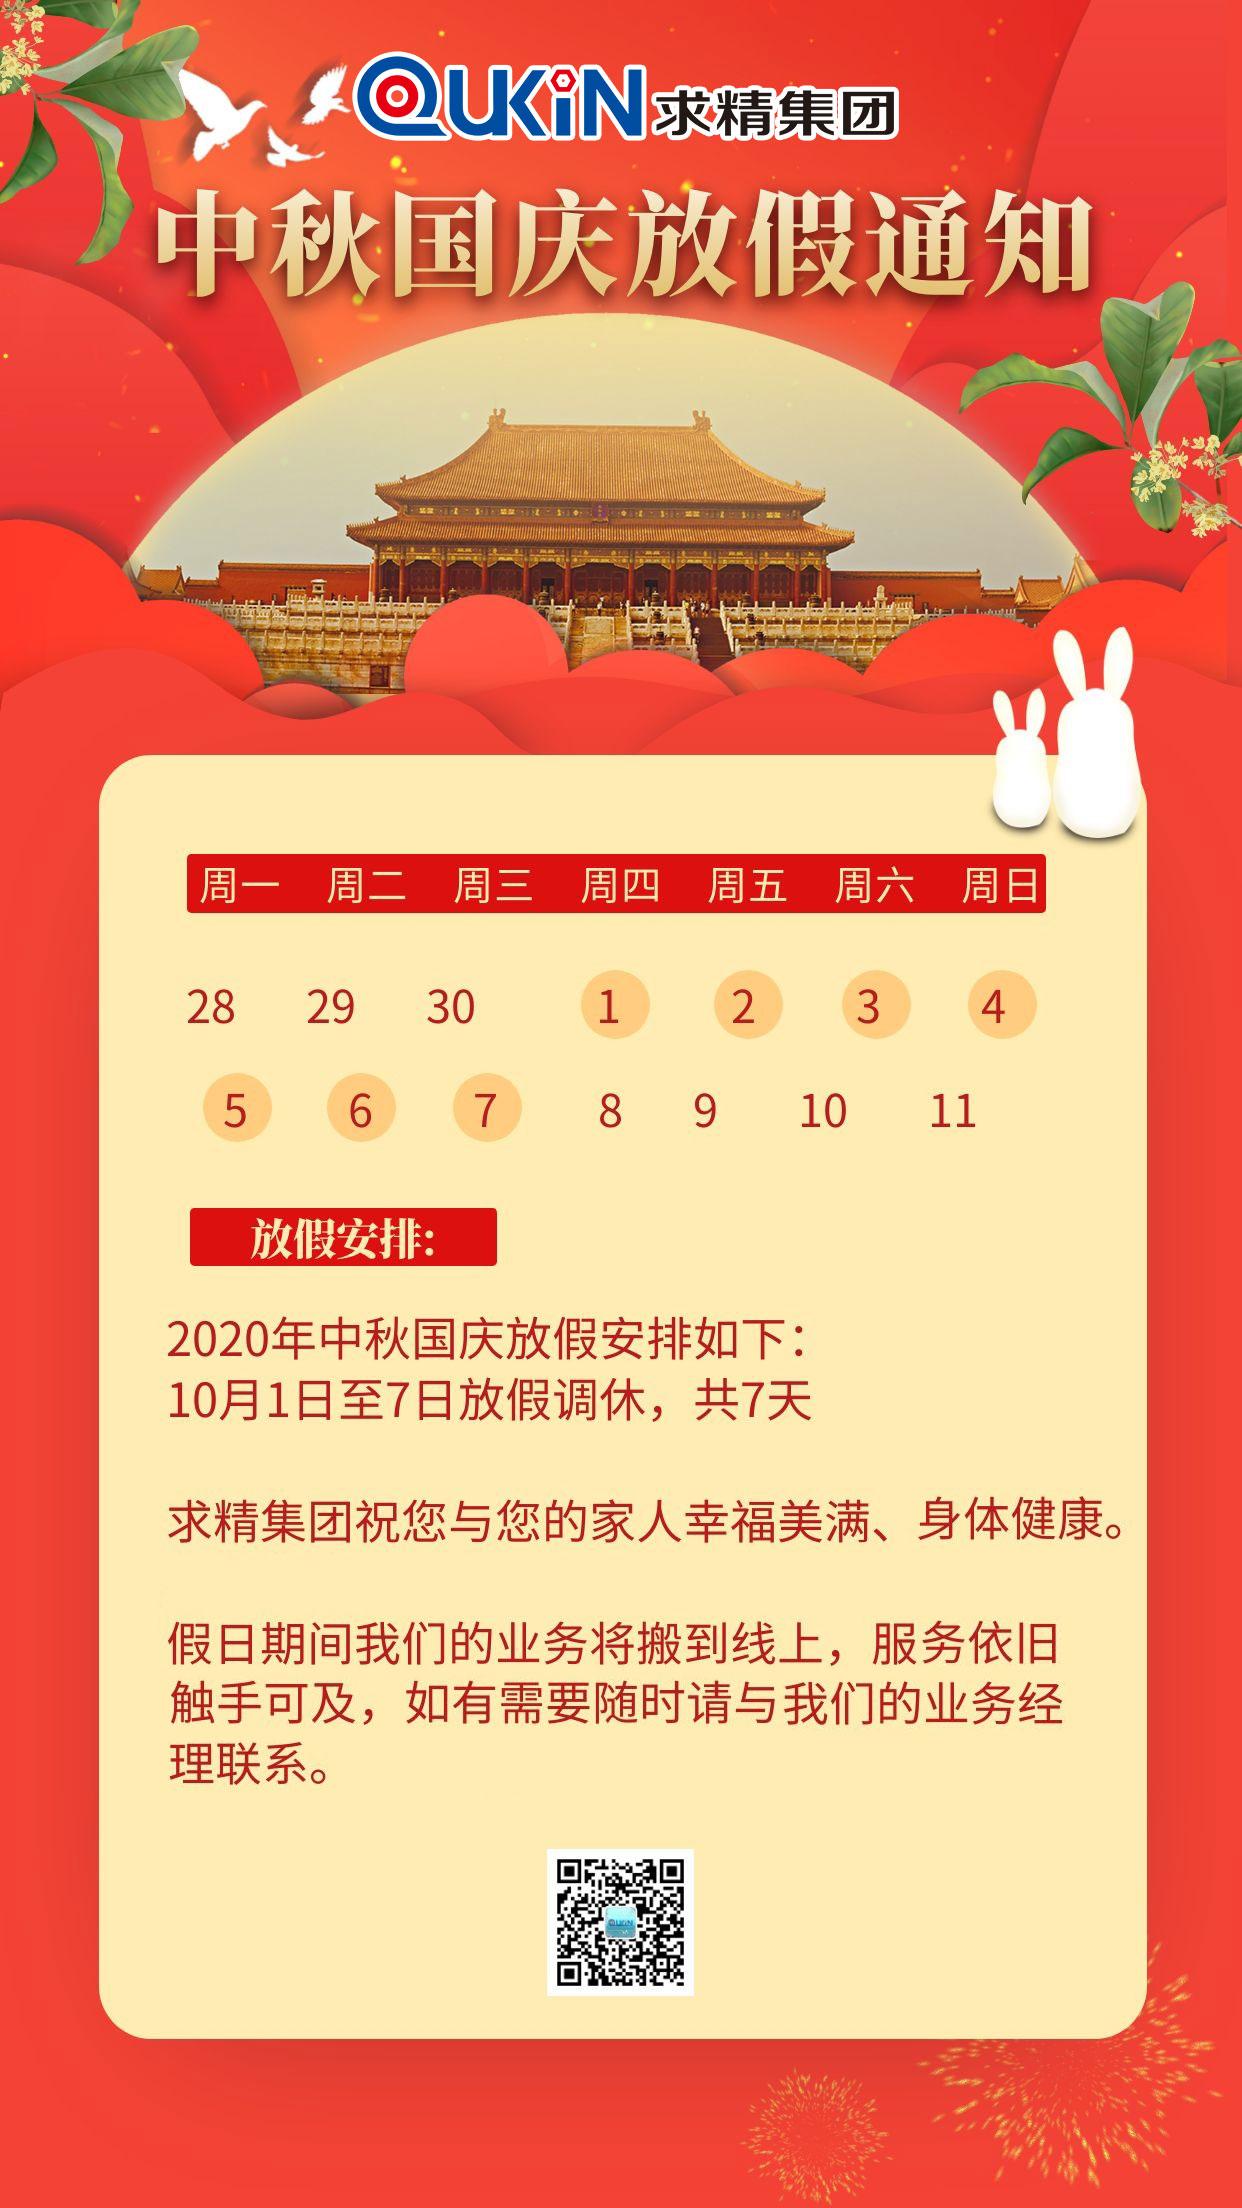 【求精集团】国庆节放假通知